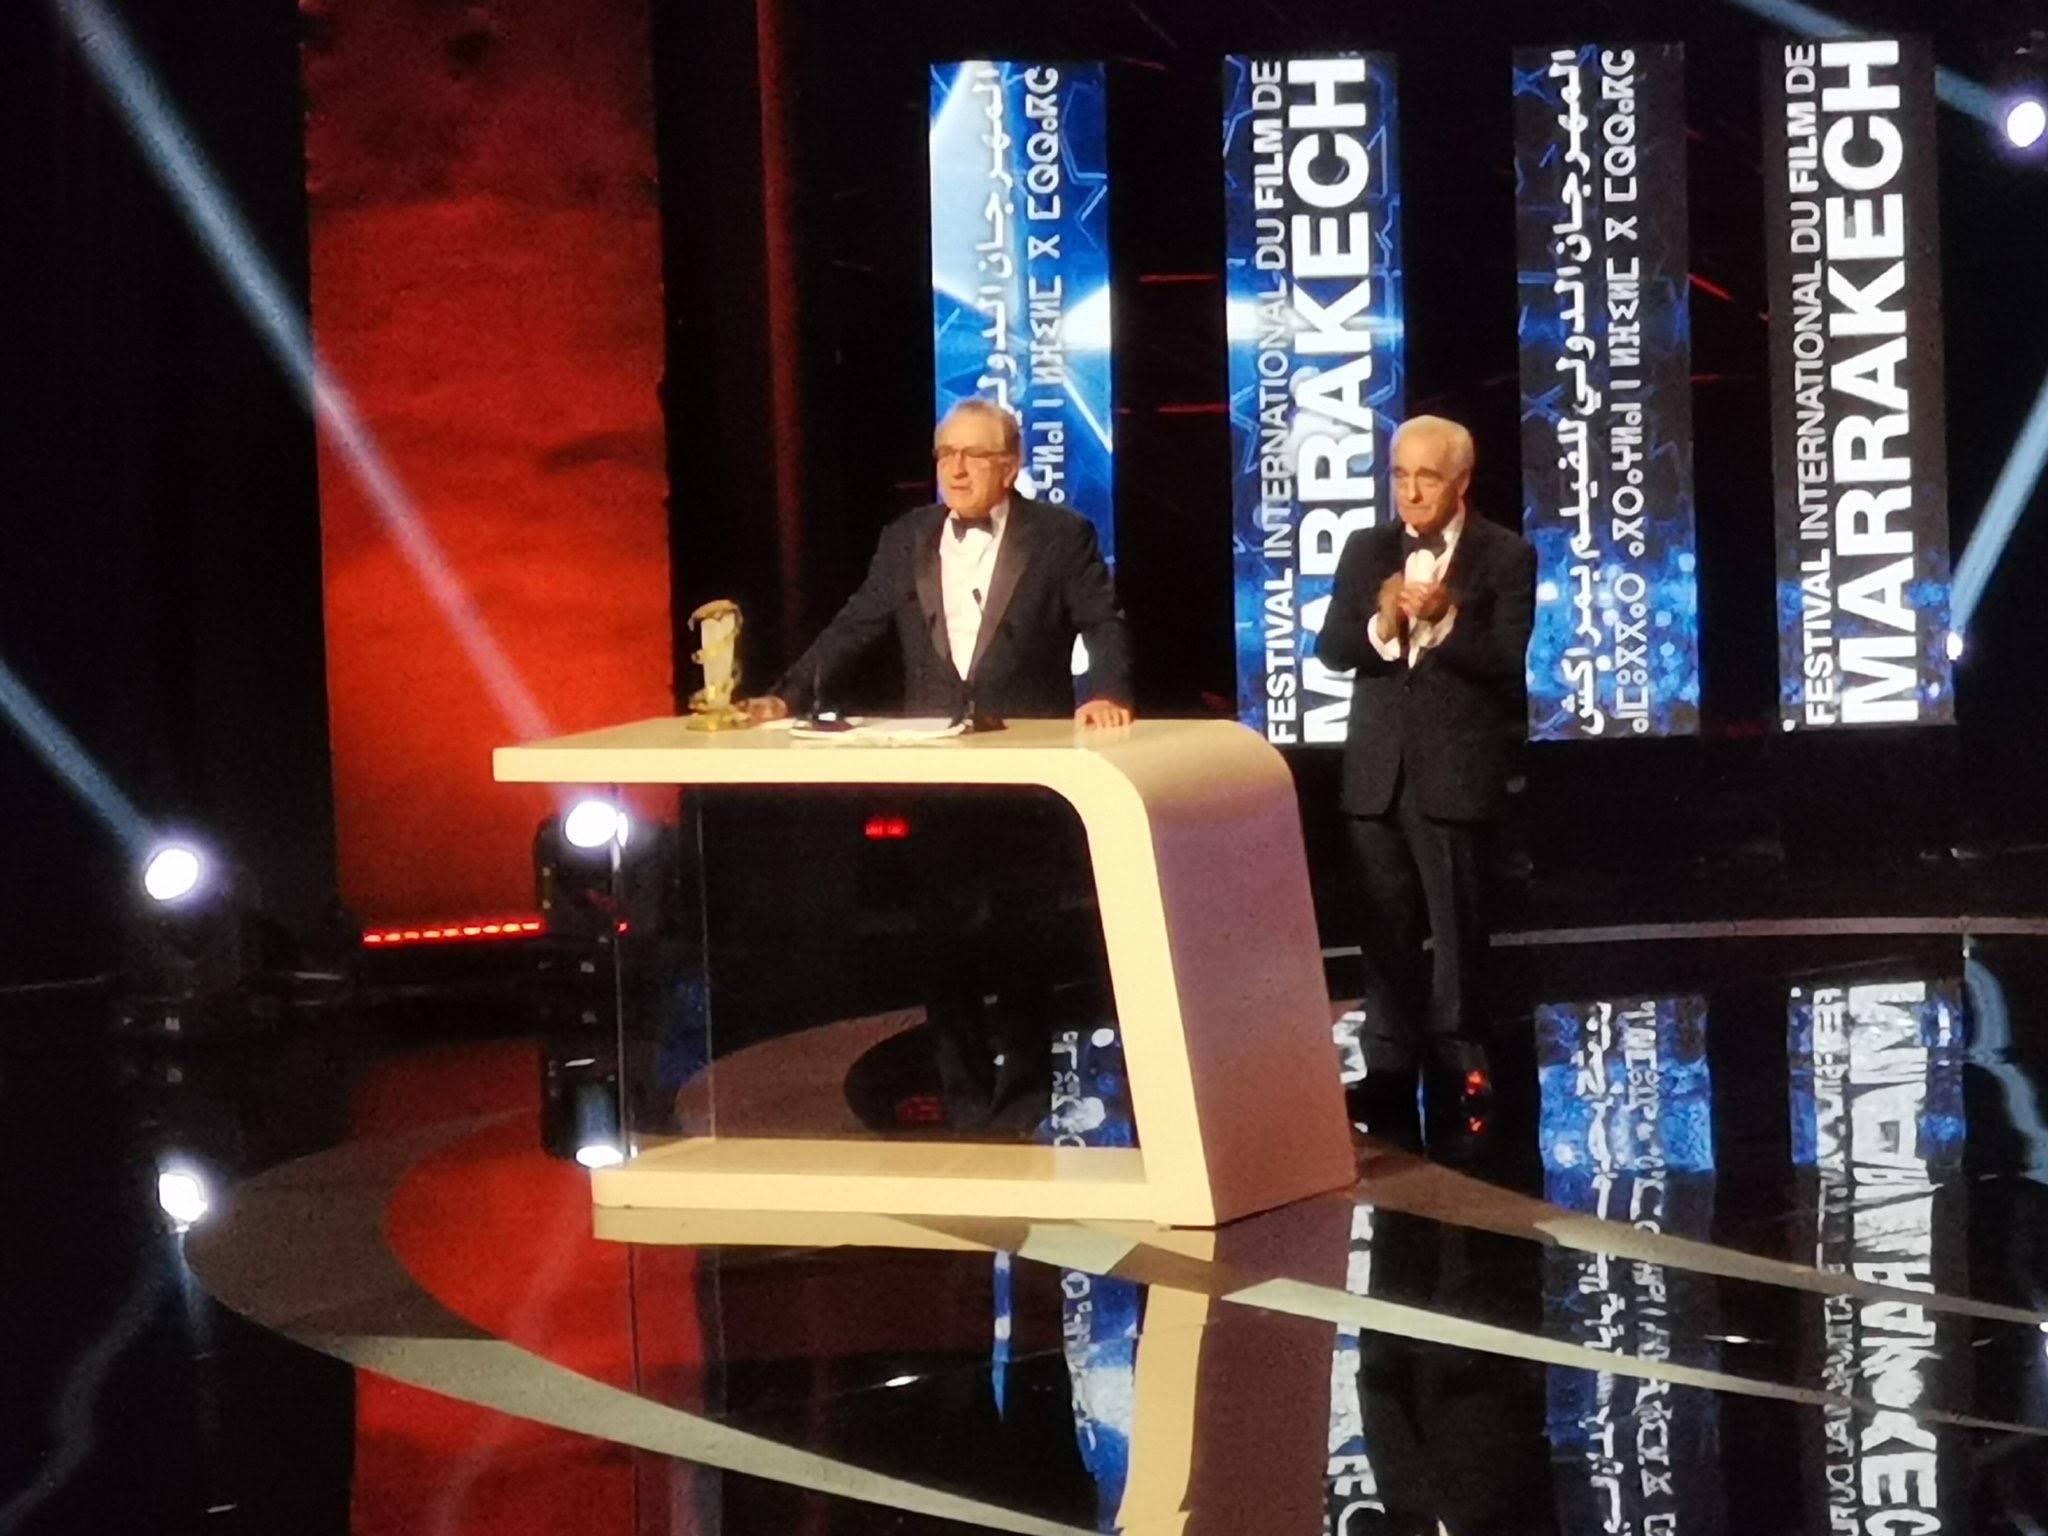 Robert De Niro Martin Scorsese FIFM2018